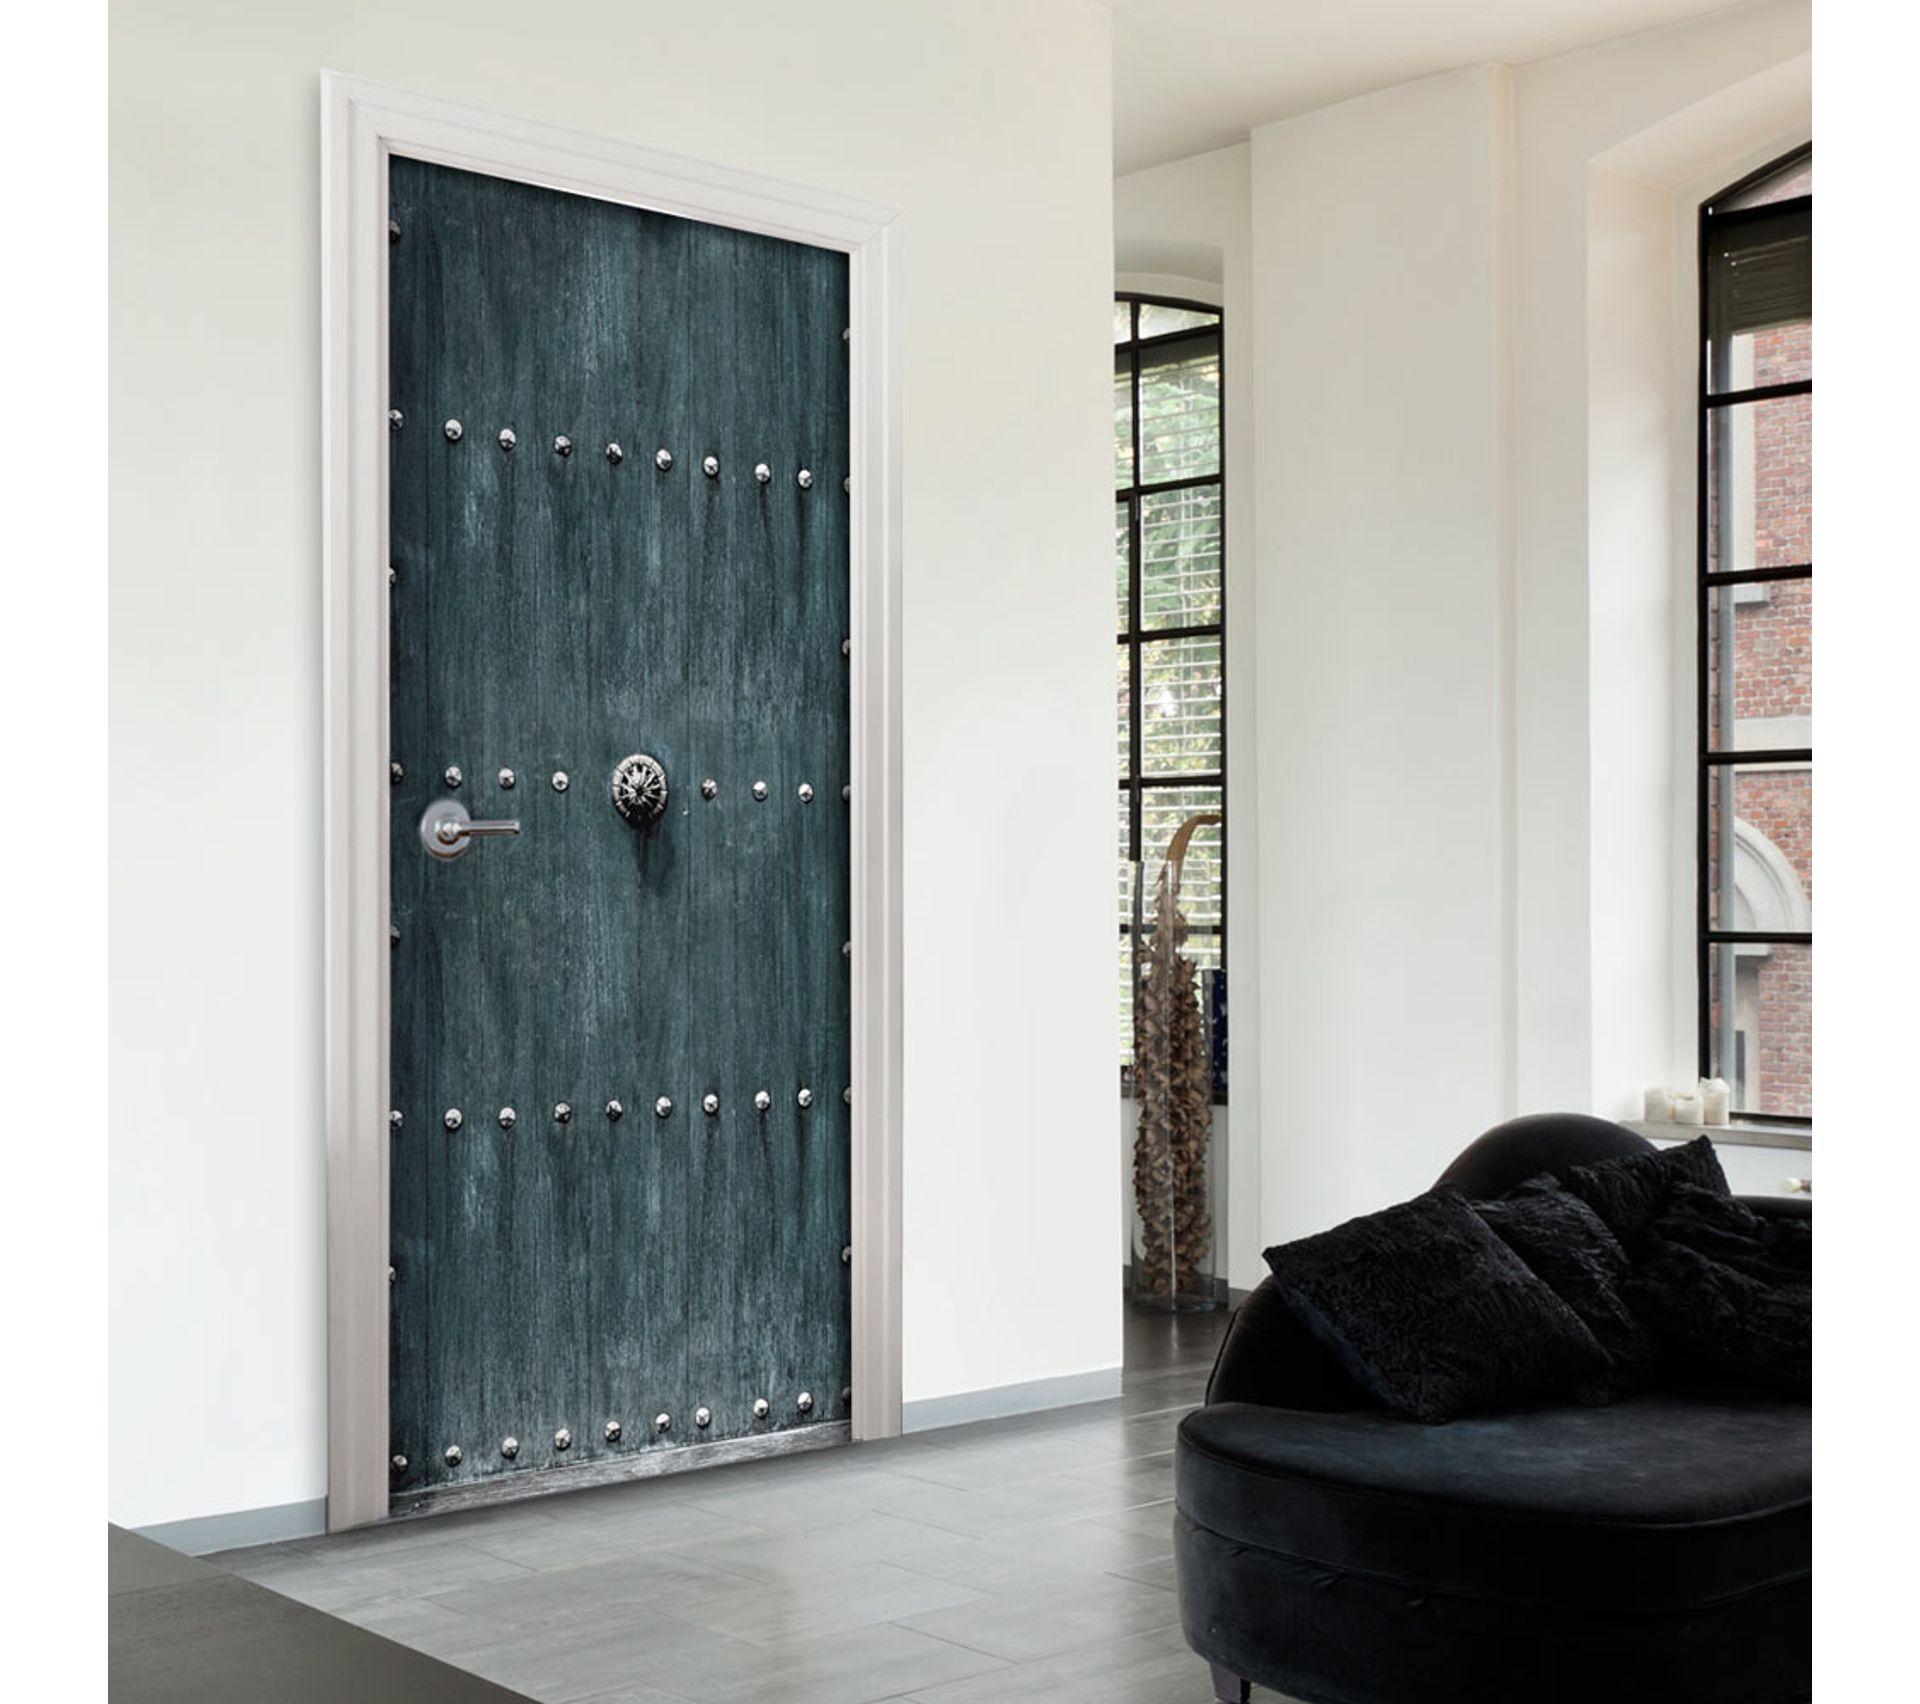 Papier Peint Entree Moderne 80x210 papier-peint pour porte moderne peint pour porte